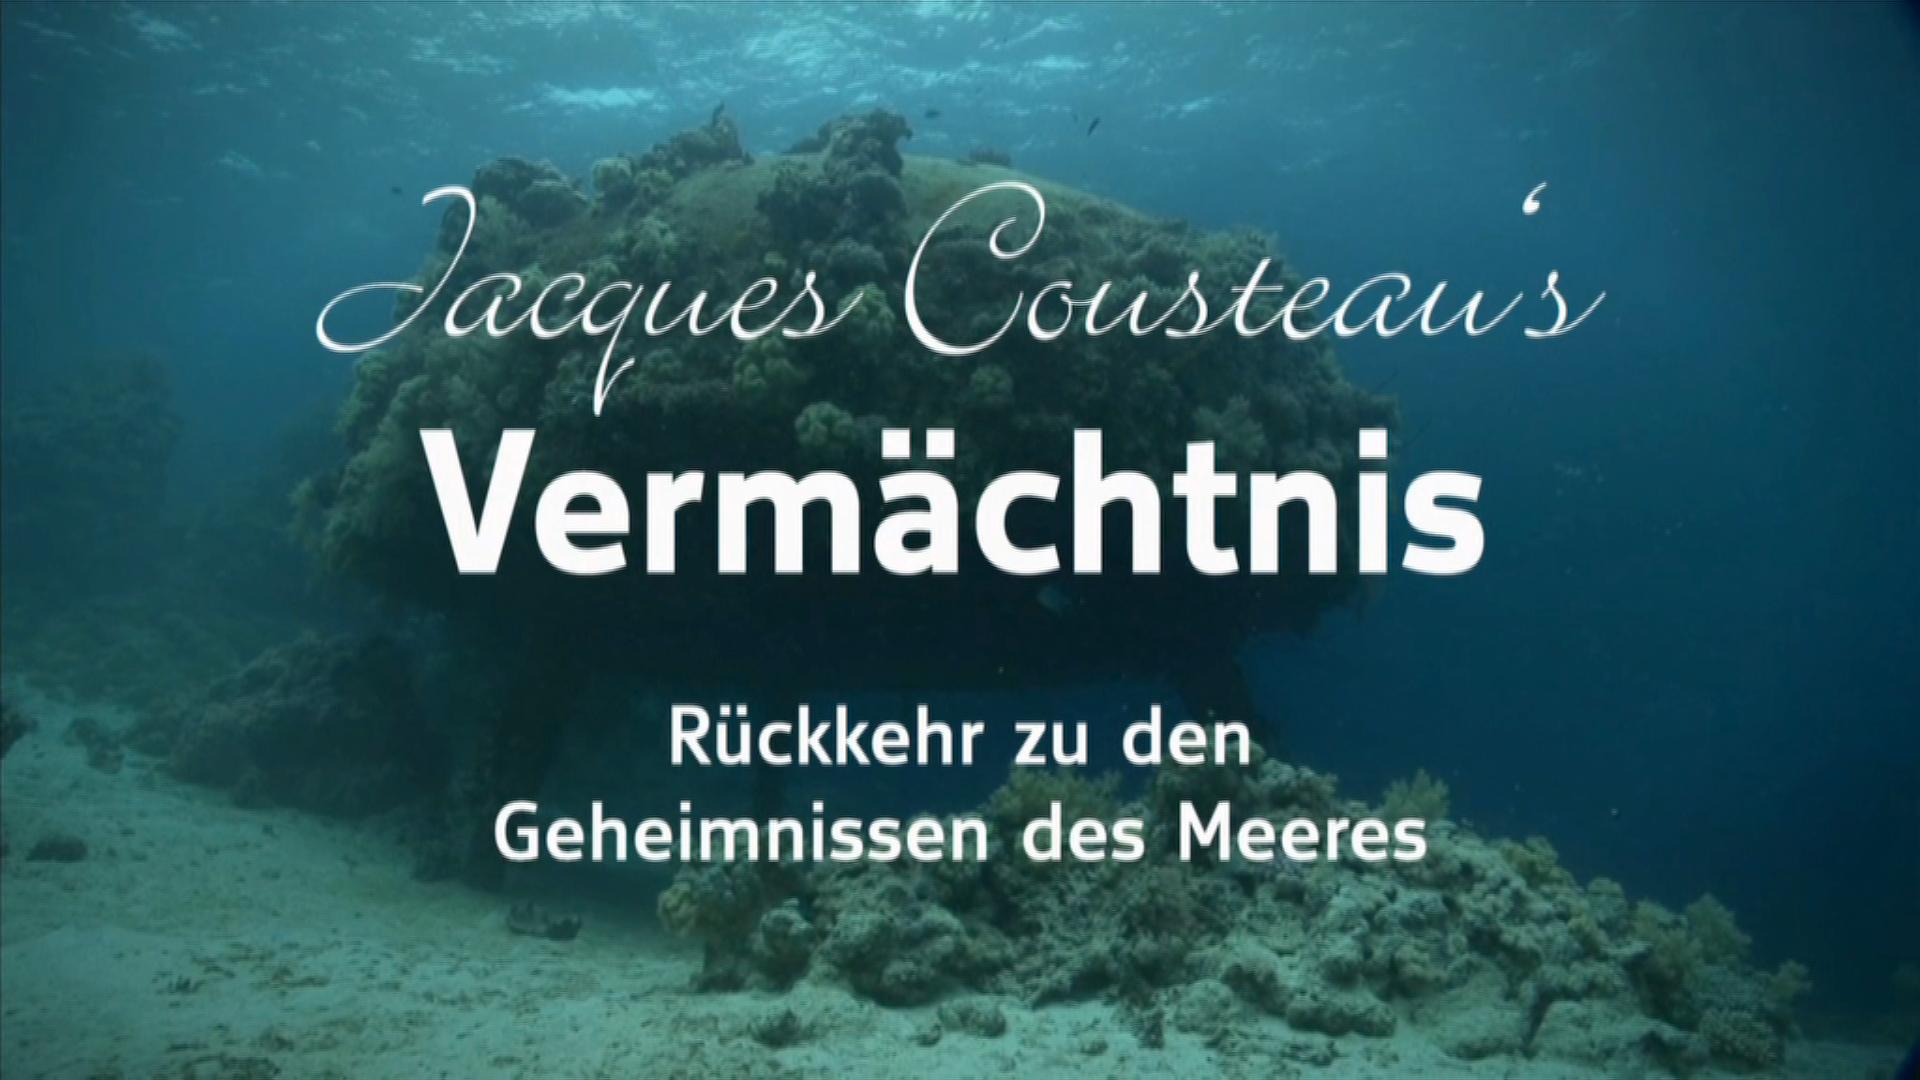 cousteau01